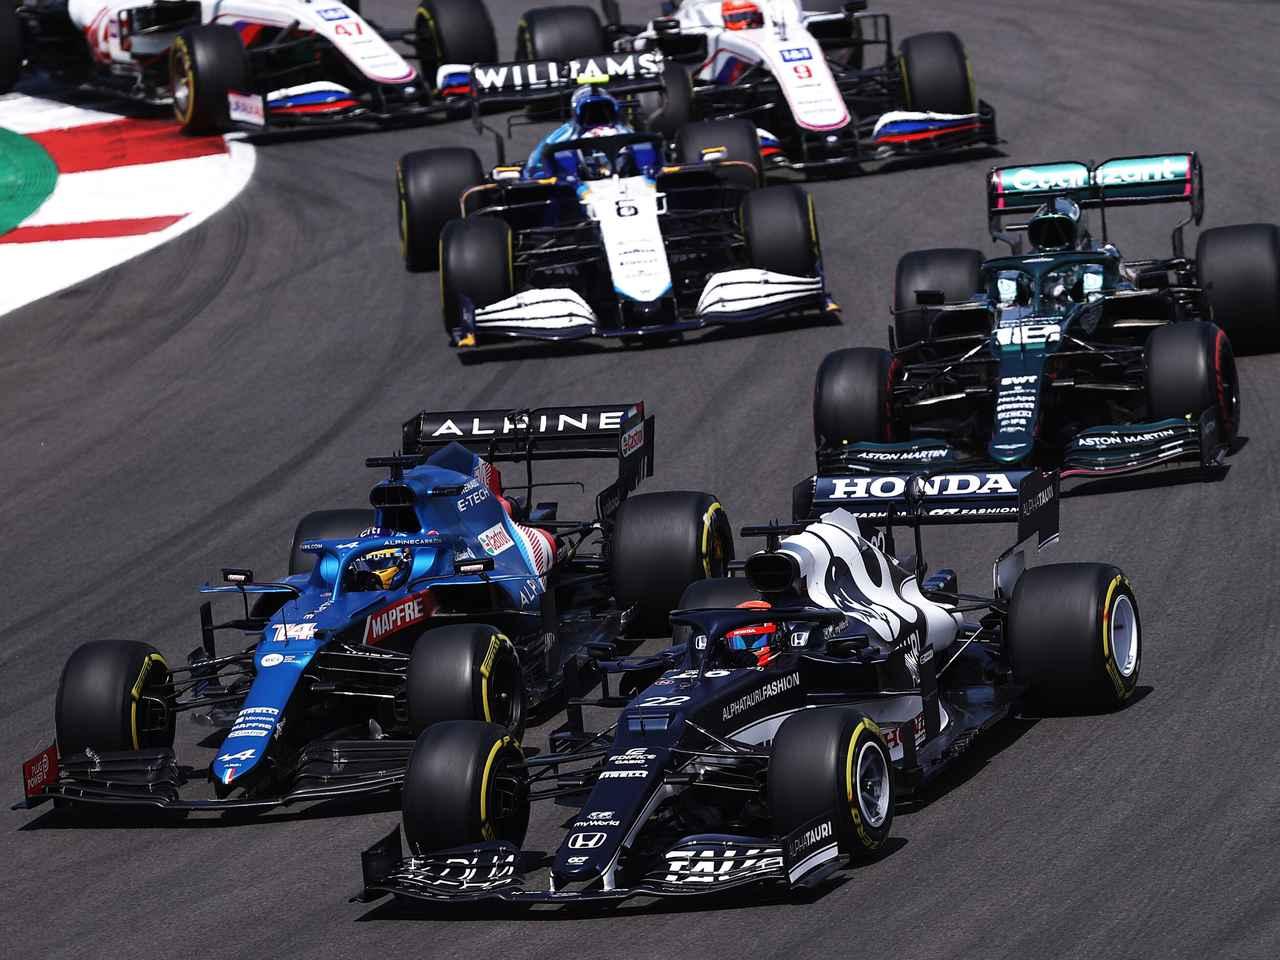 2021年F1第3戦ポルトガルGP、角田裕毅は試練の14位。グリップがなくペースが上がらず【モータースポーツ】